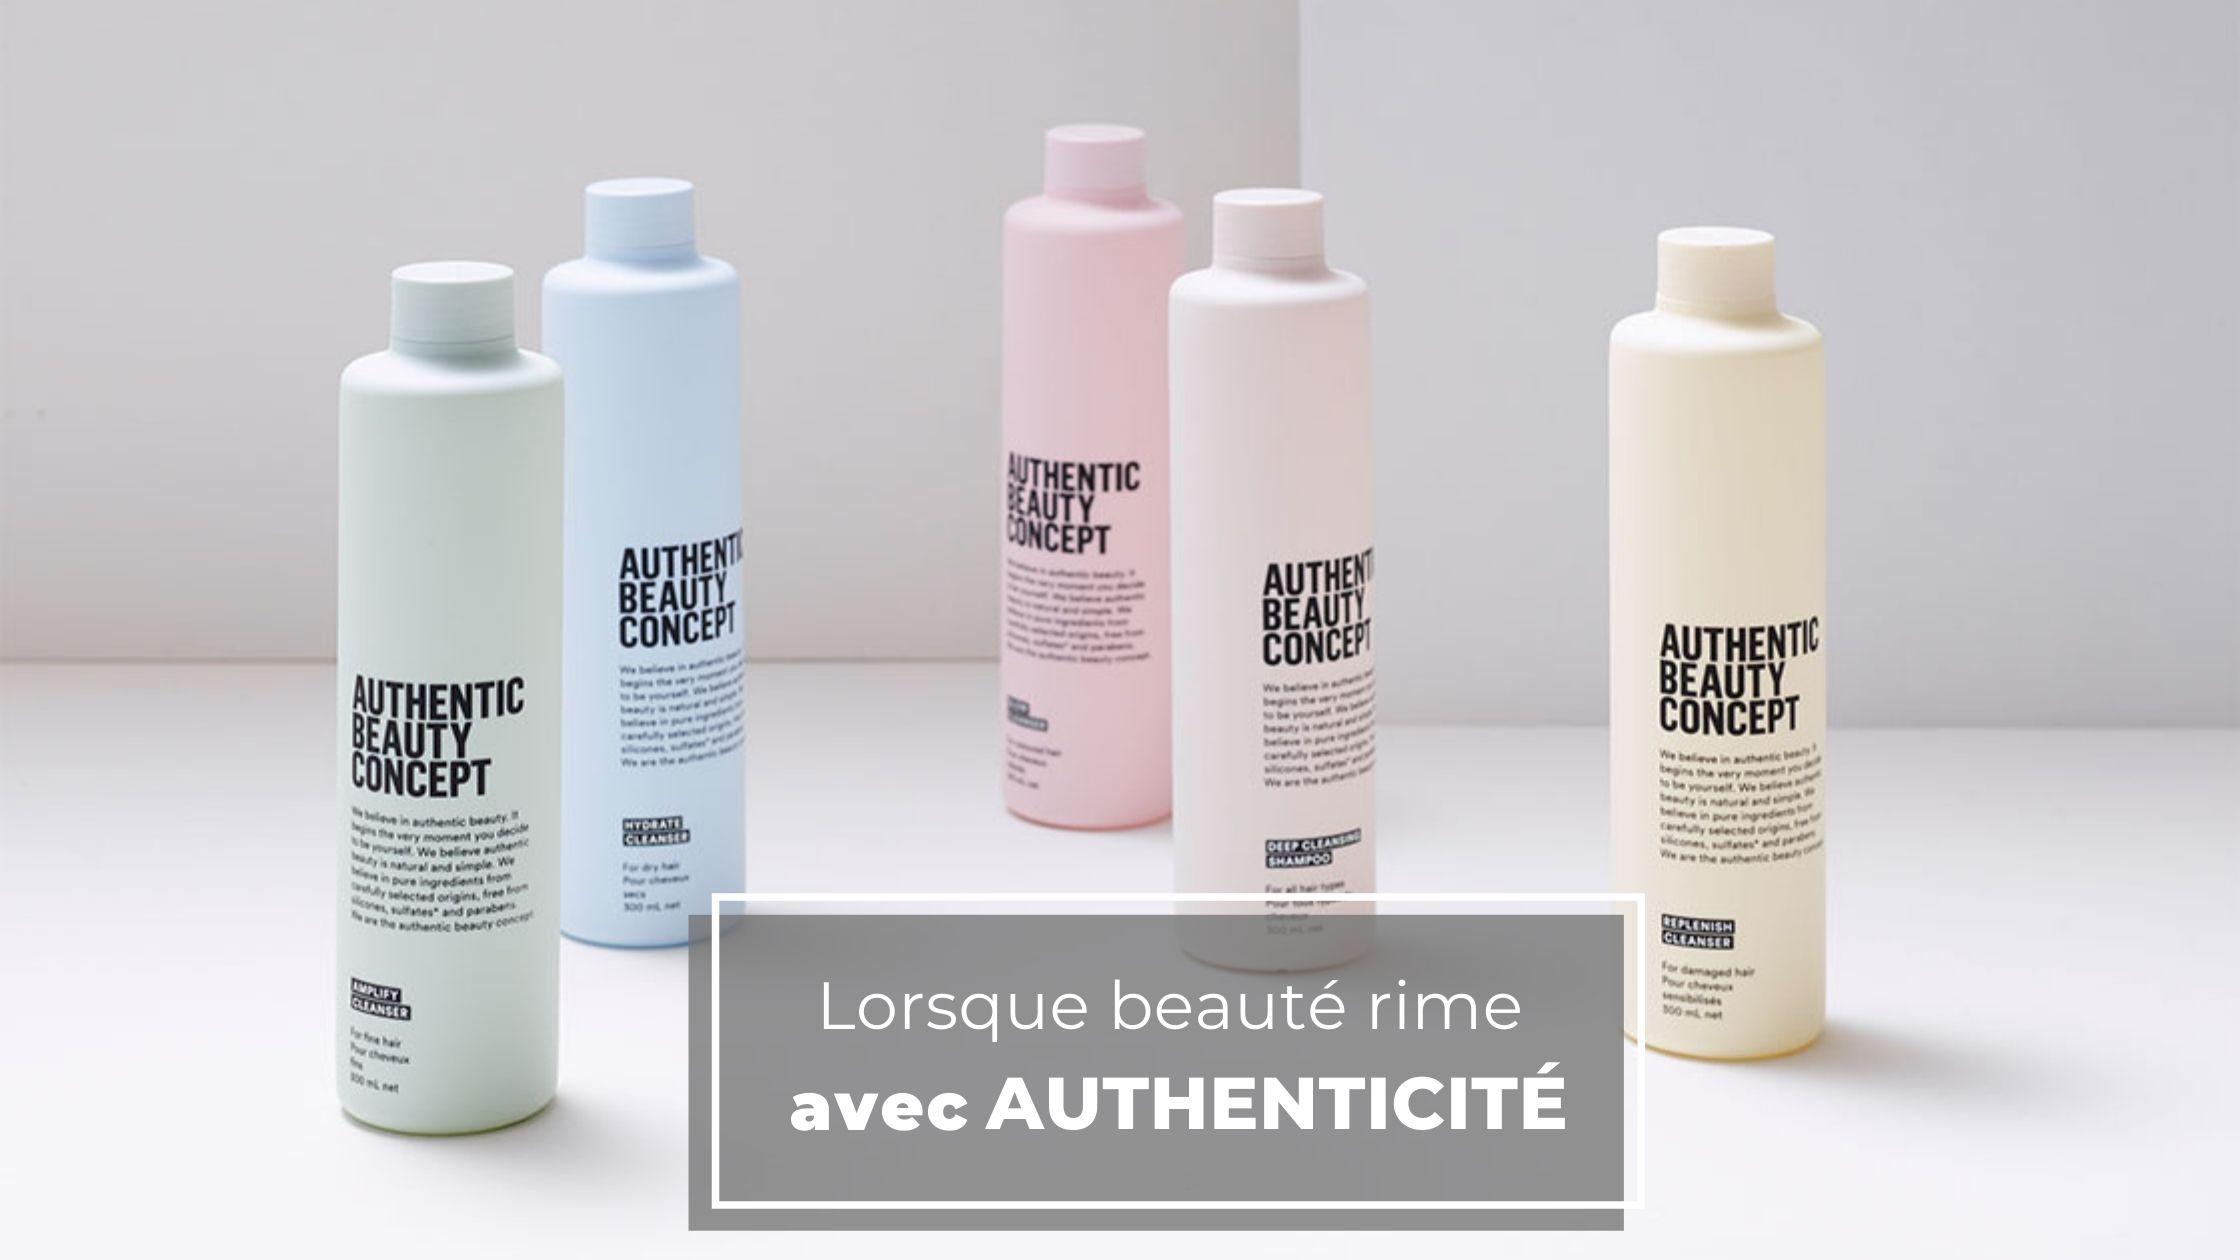 Les produits capillaires Authentic Beauty Concept